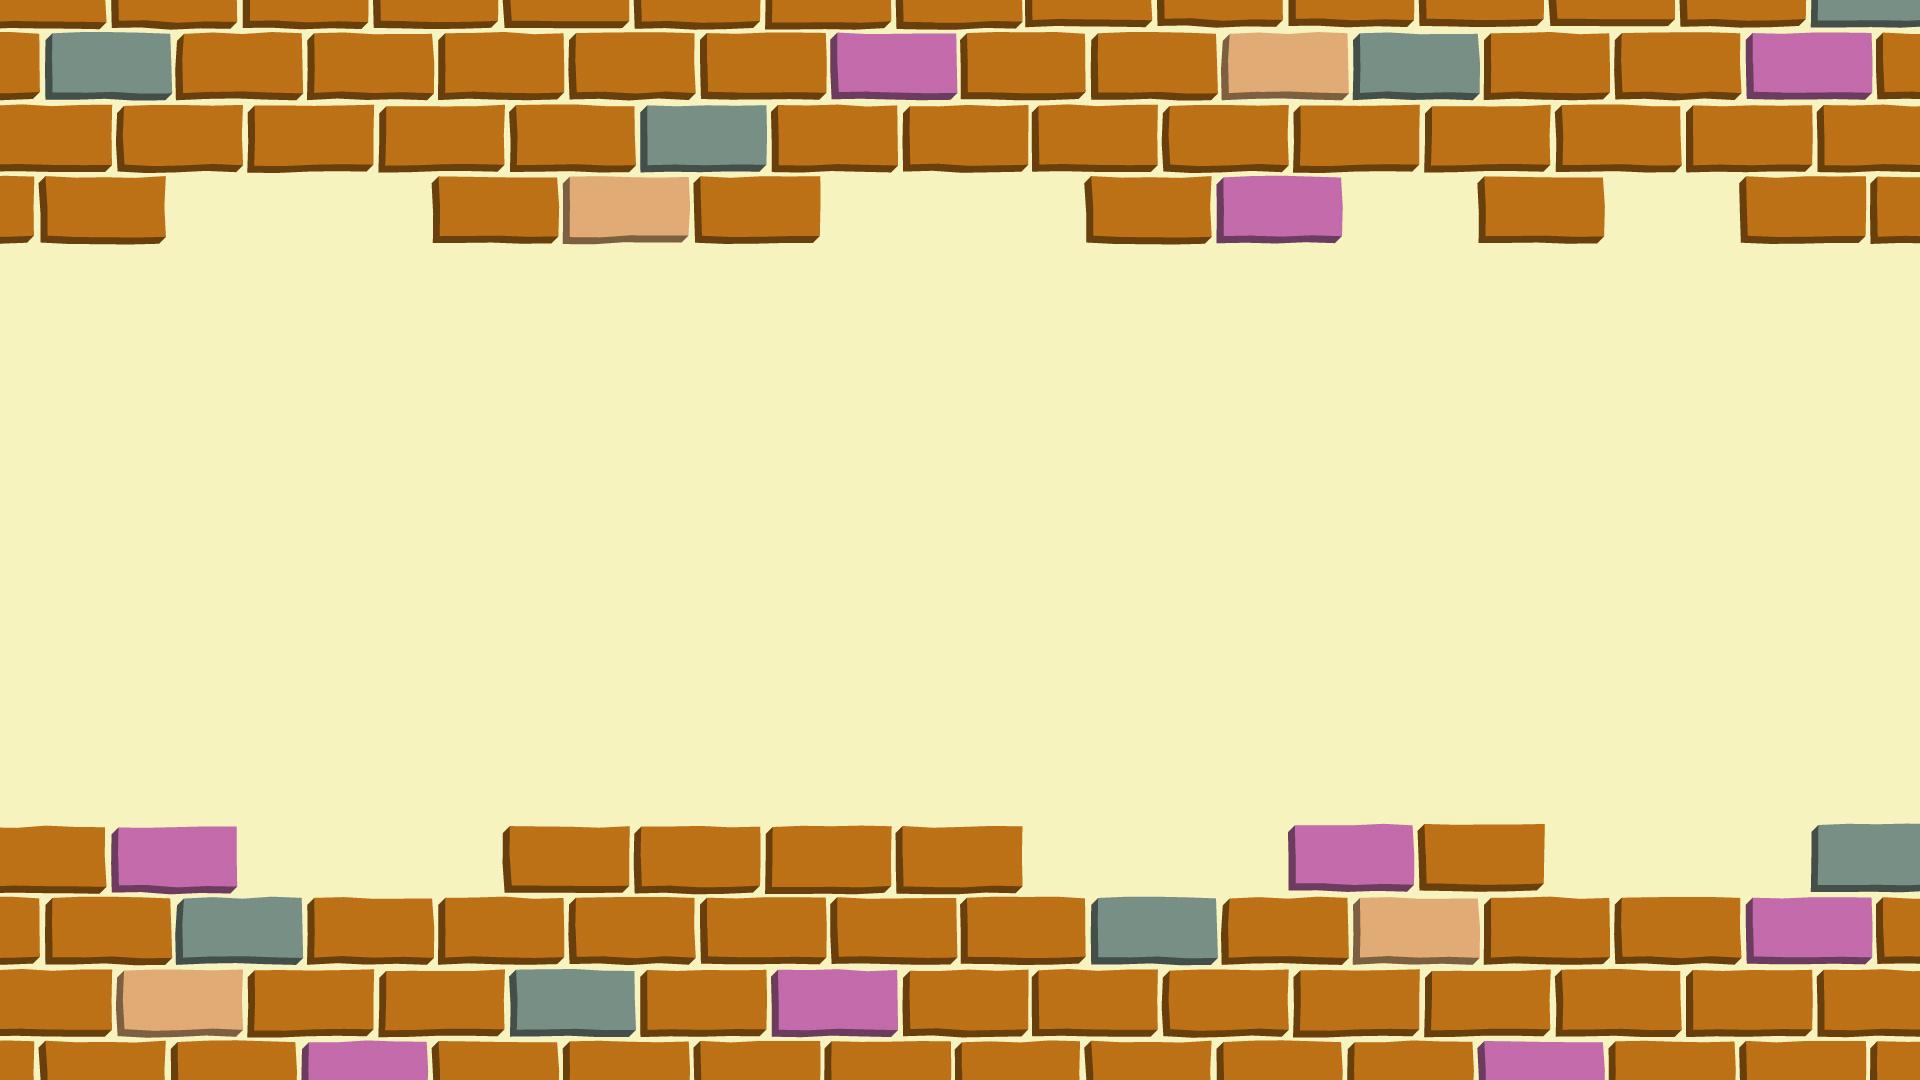 カラフルなレンガの壁紙・背景素材 1,920px×1,080px